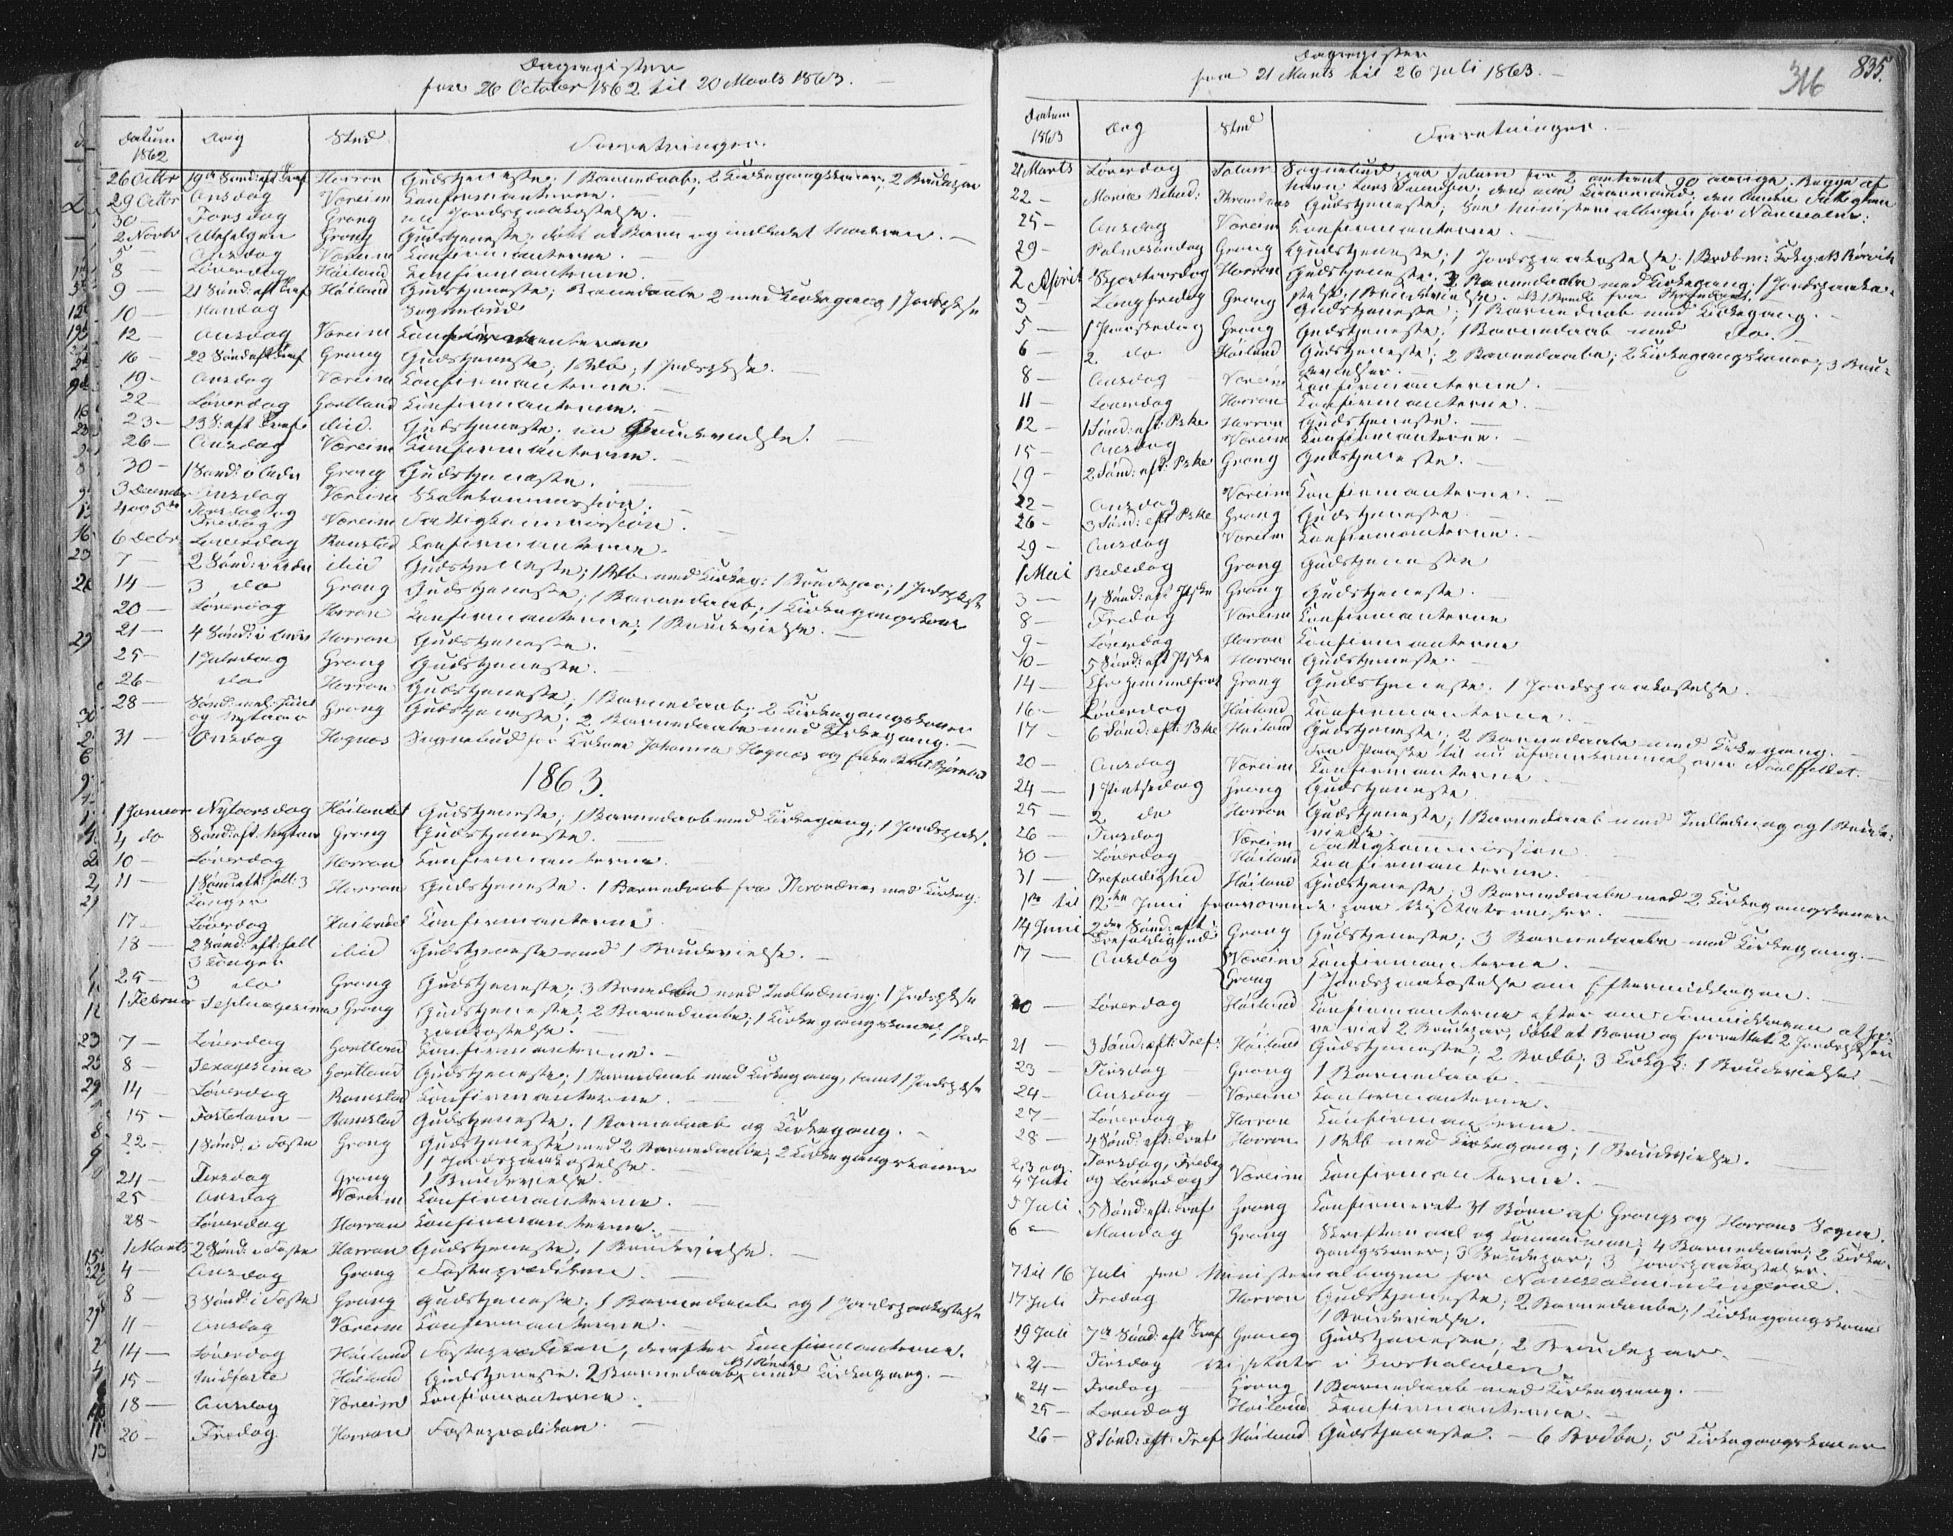 SAT, Ministerialprotokoller, klokkerbøker og fødselsregistre - Nord-Trøndelag, 758/L0513: Ministerialbok nr. 758A02 /1, 1839-1868, s. 316